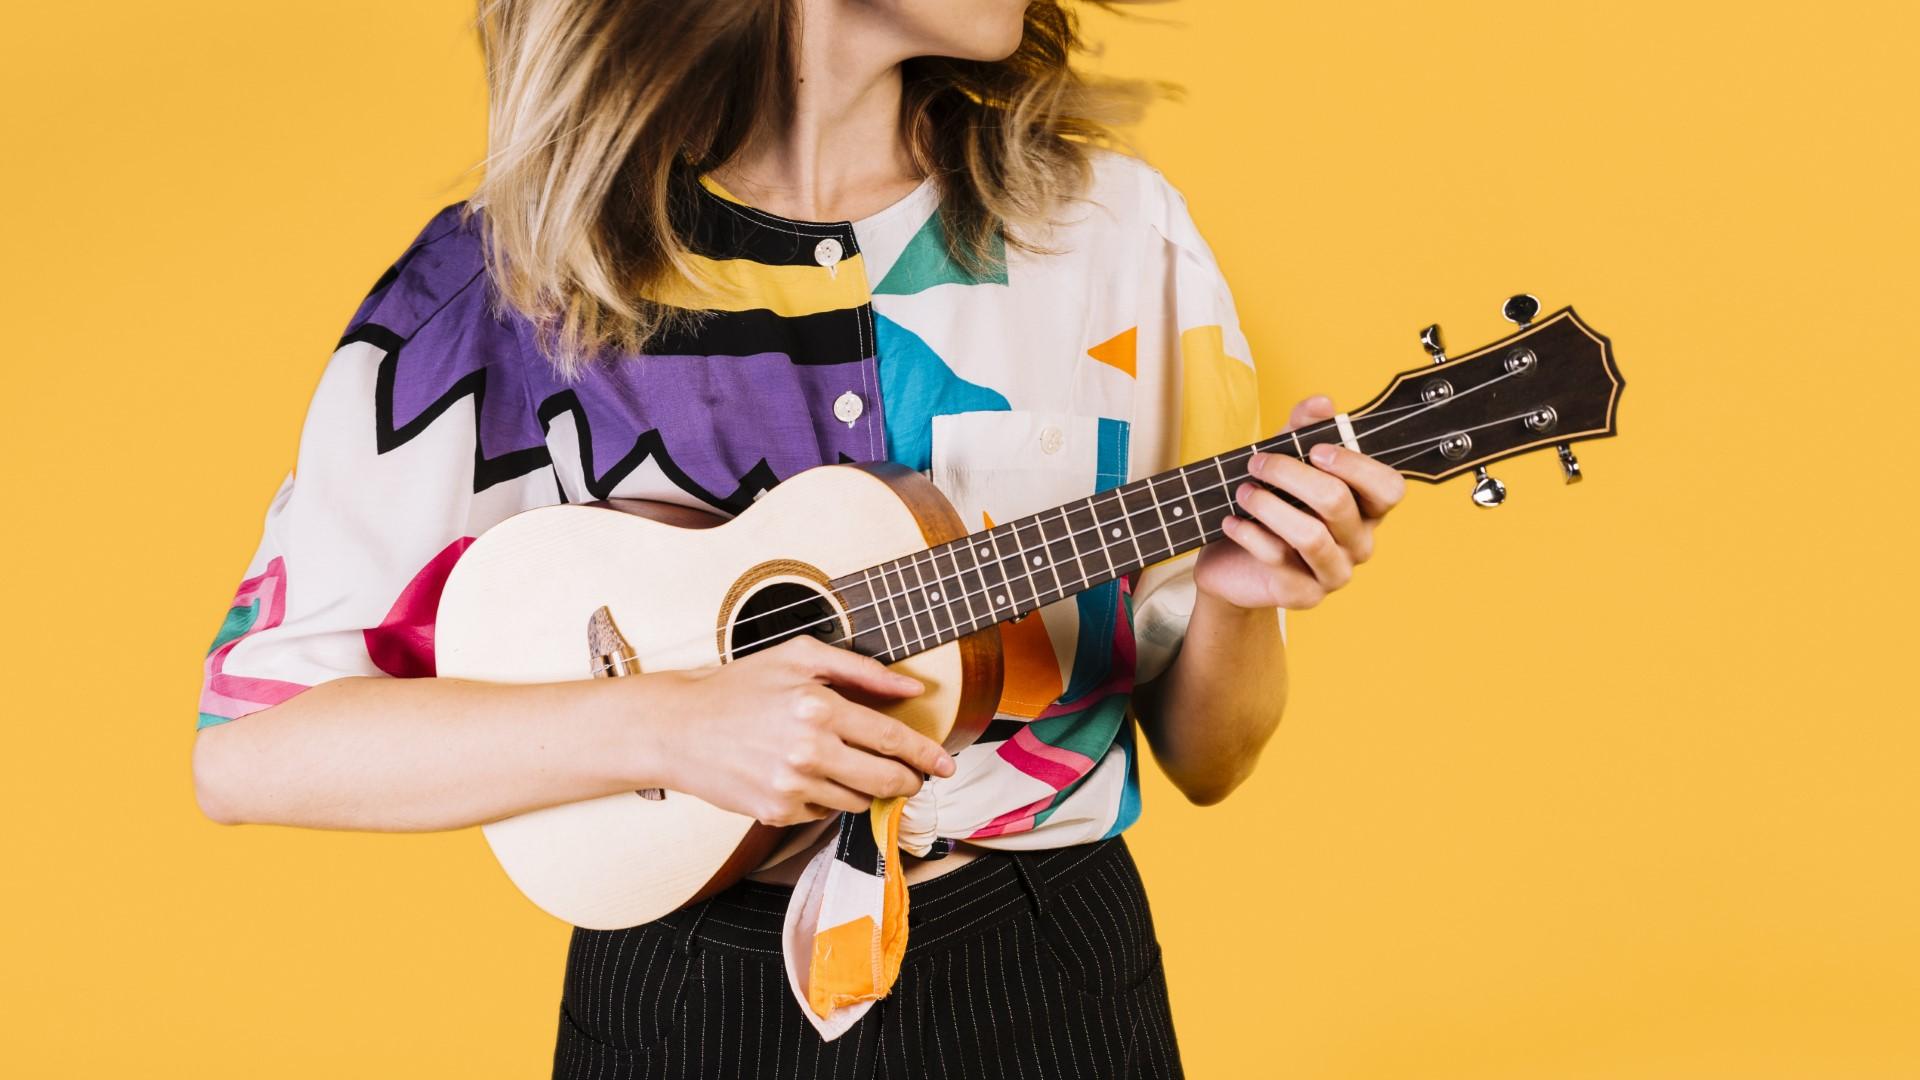 Kobiet gra na ukulele na żółtym tle